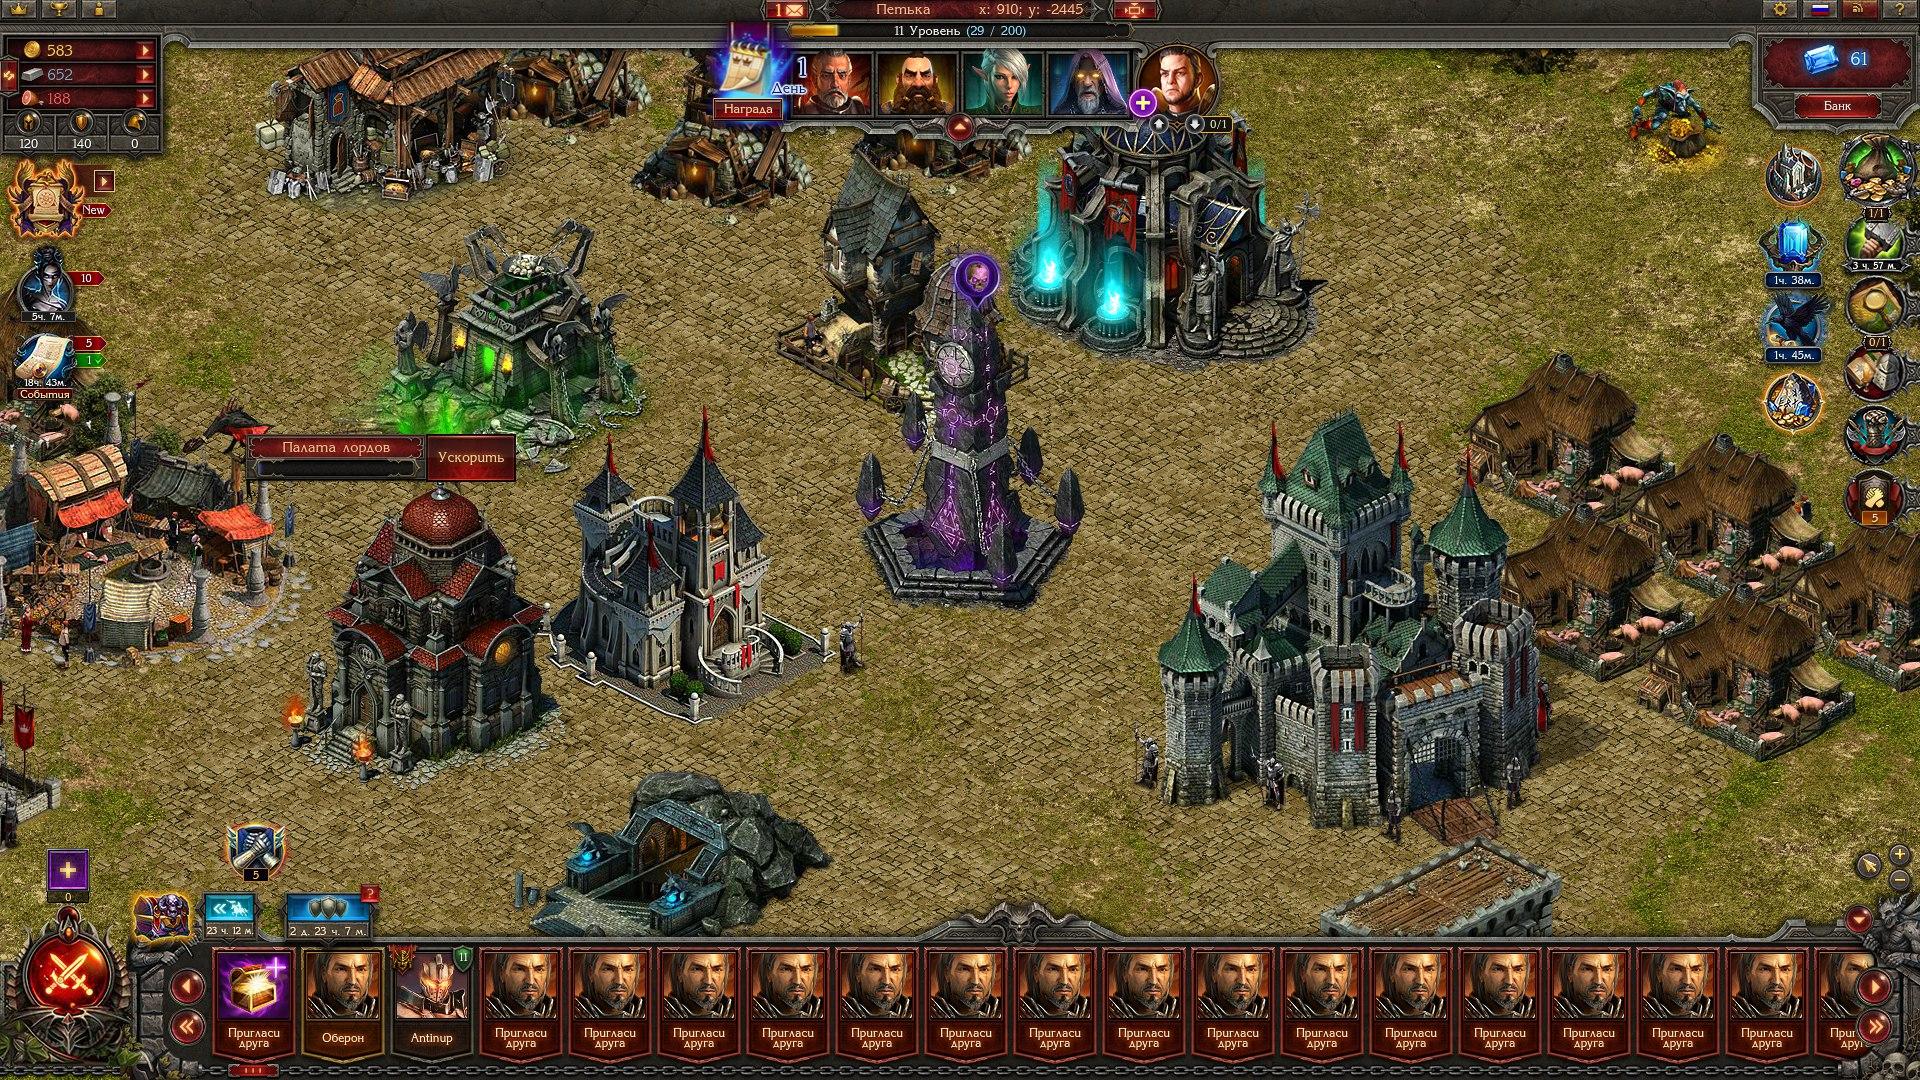 Войны престолов онлайн стратегия гонка со смертью 2001 смотреть онлайн